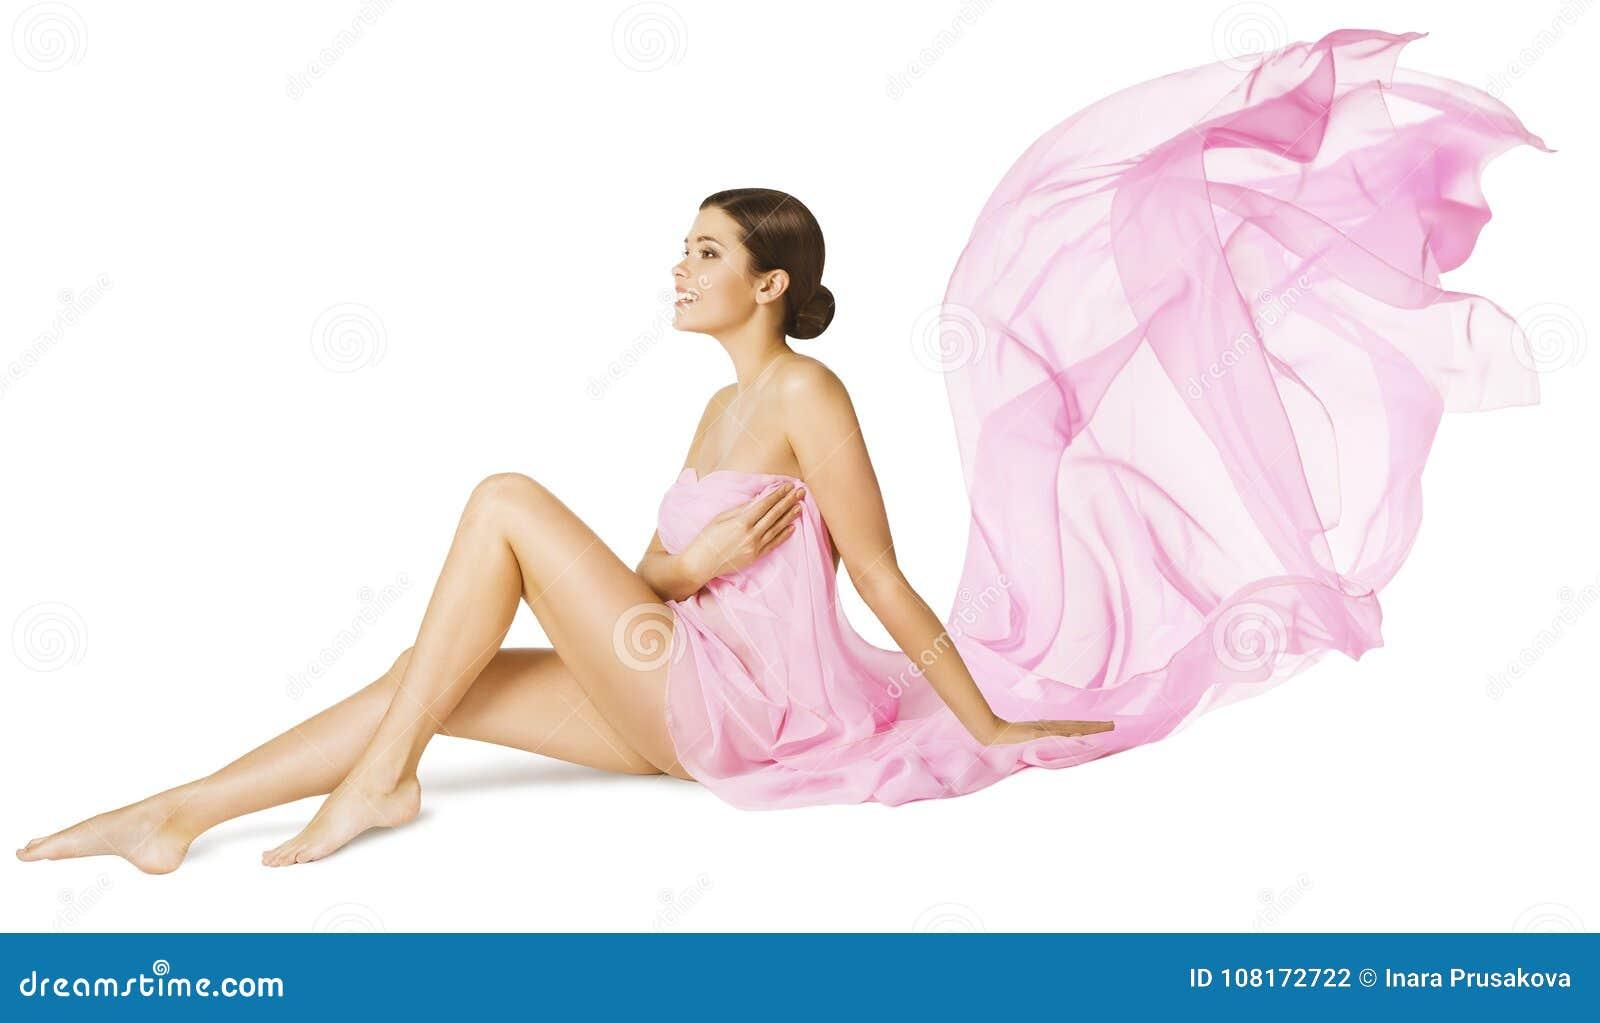 Kobiety ciała piękna opieka, Seksowny model w Różowej Latającej spływanie sukni